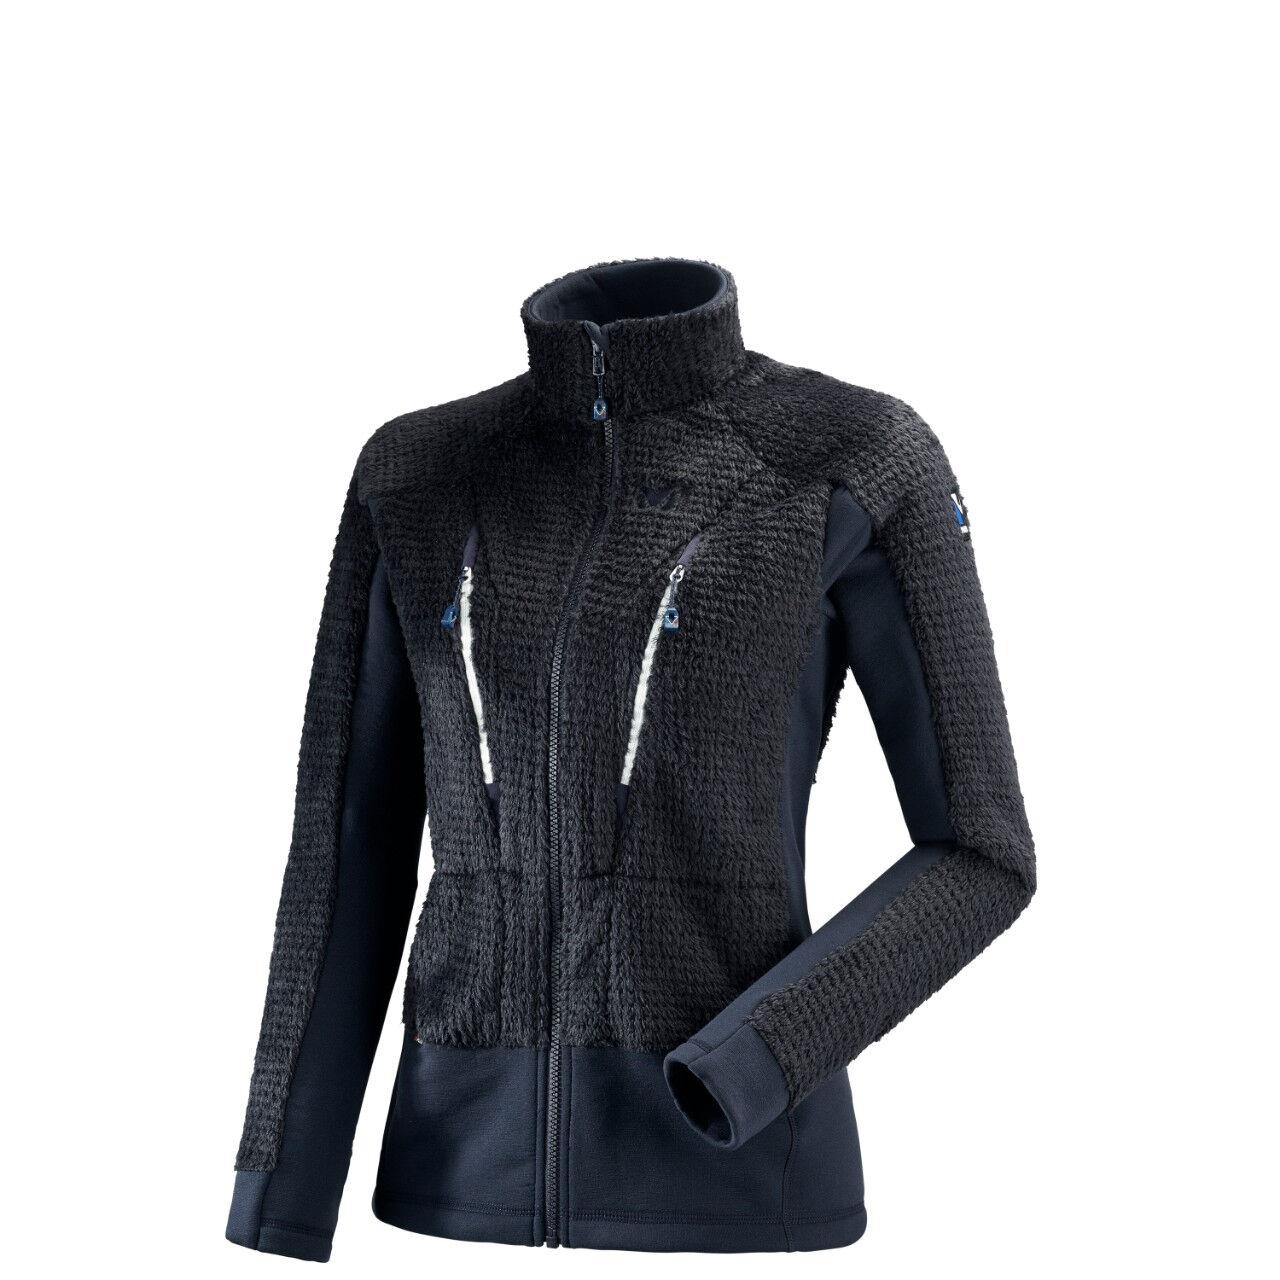 MILLET Polaire de randonnée Trilogy X Wool Jacket - Saphir Blanc